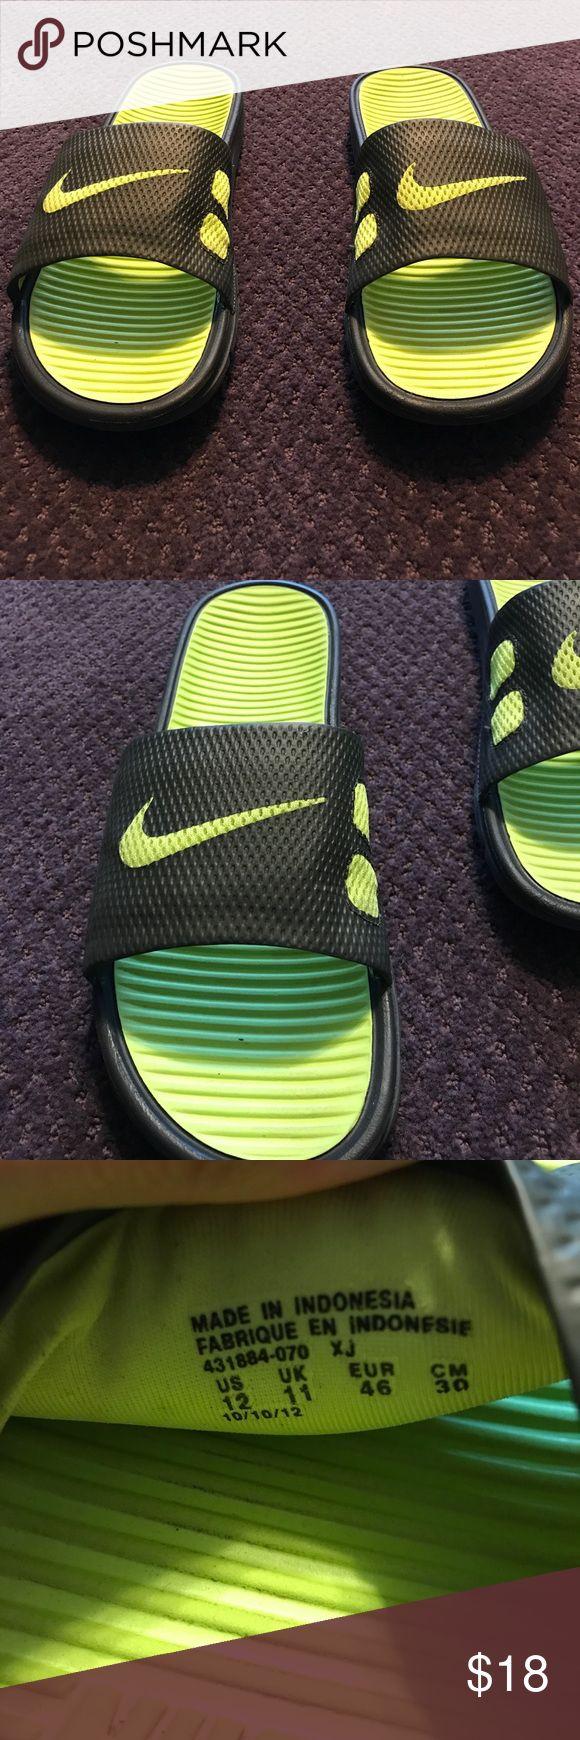 Men's Nike sandals Men's Nike sandals Nike Shoes Sandals & Flip-Flops